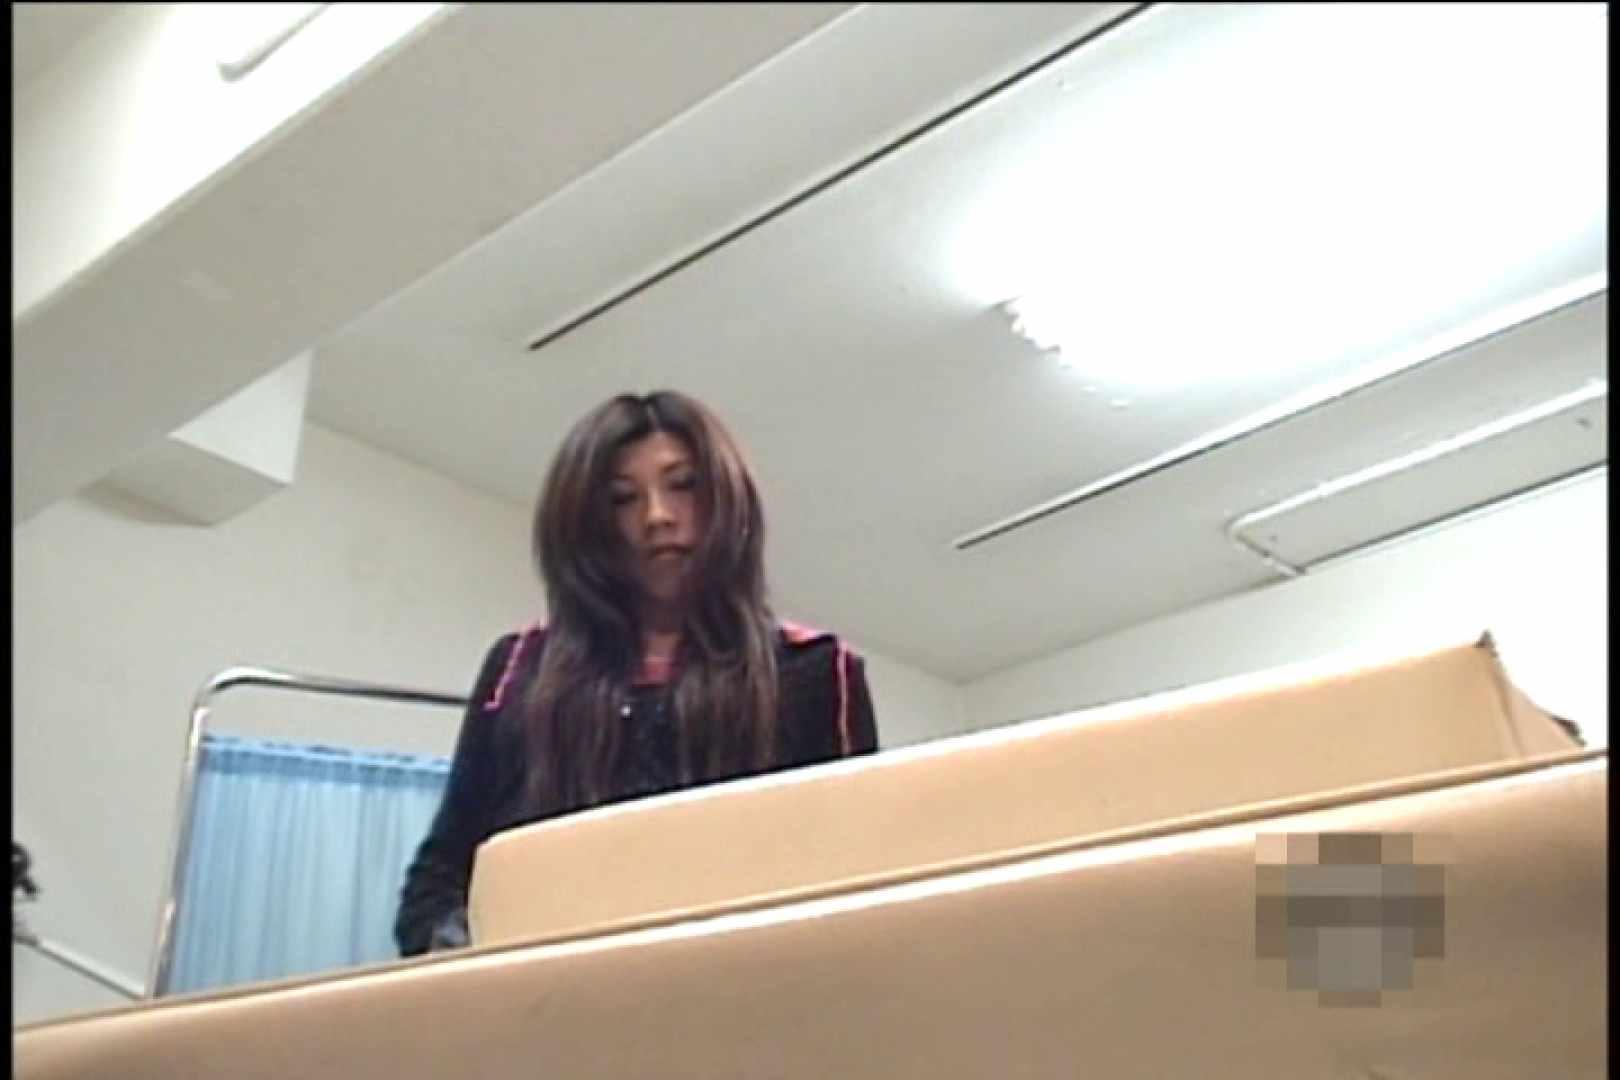 逆噴射病院 肛門科Vol.4 熟女のヌード ワレメ動画紹介 81画像 55